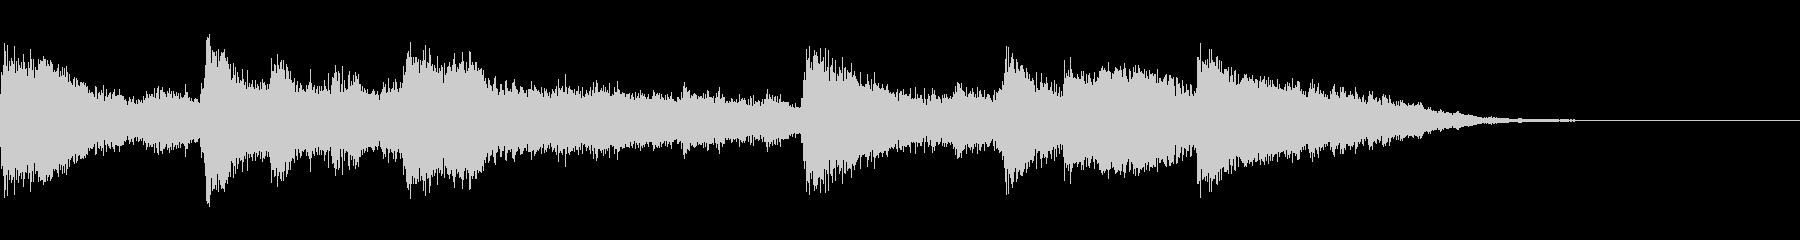 オーケストラによるゆったりとしたジングルの未再生の波形